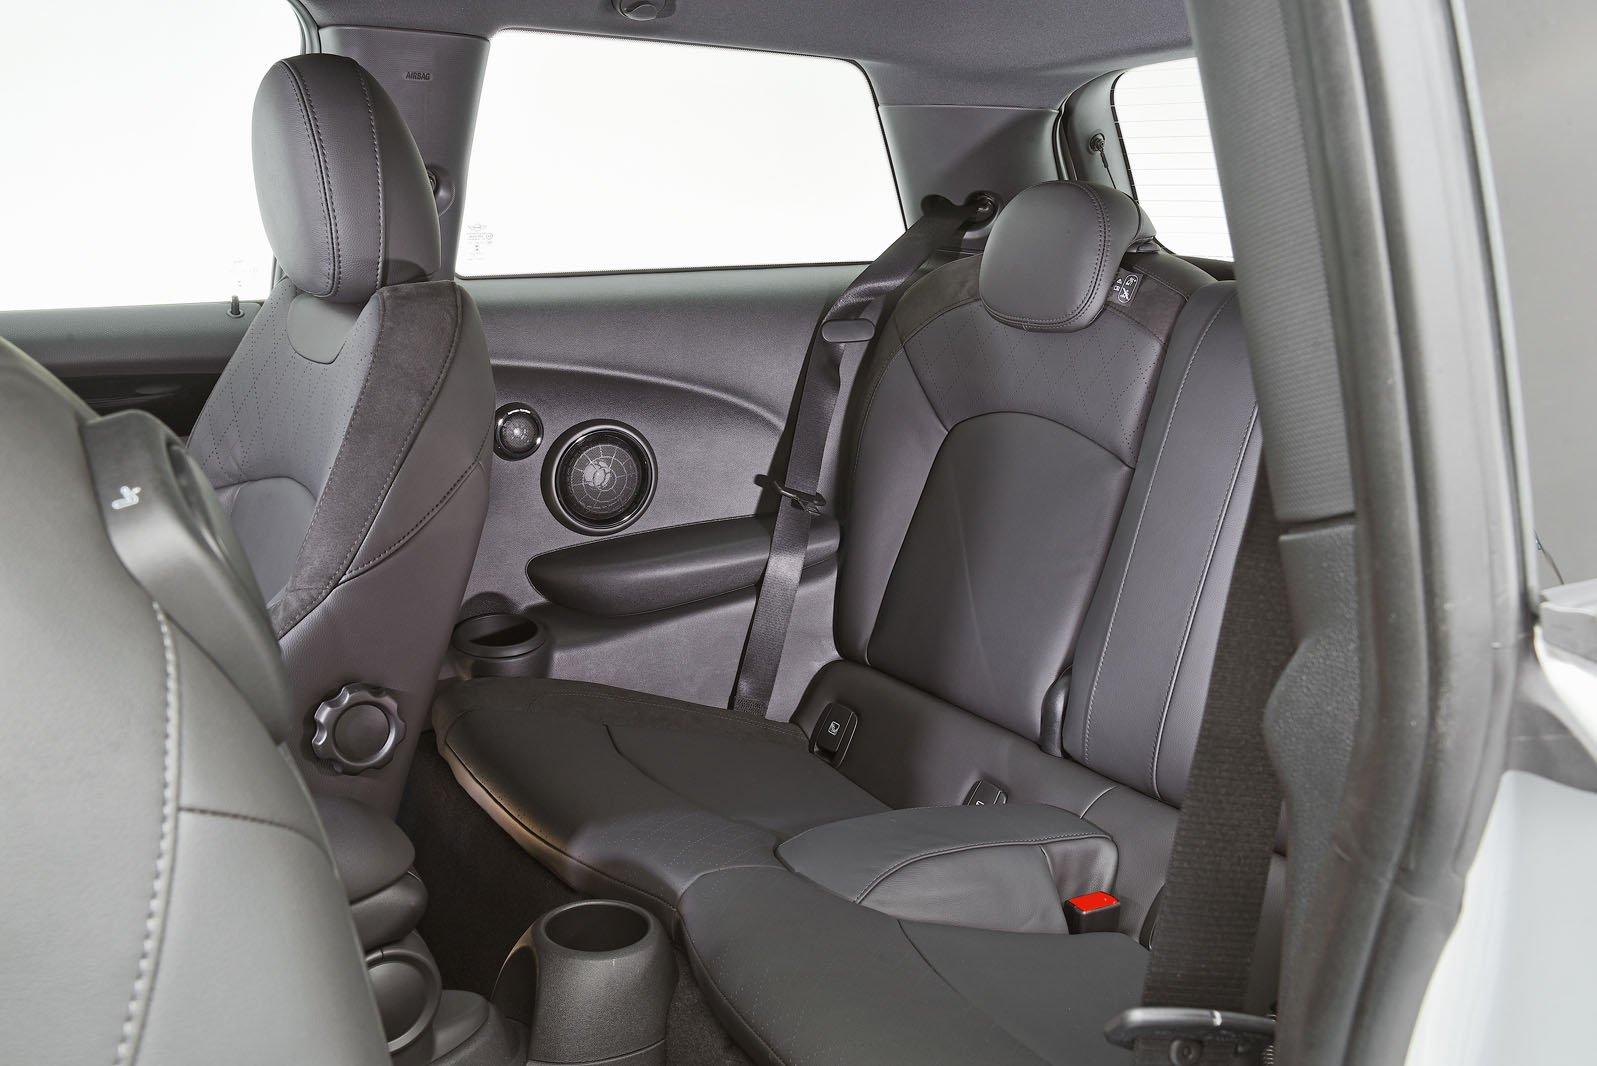 2020 Mini Electric rear seats